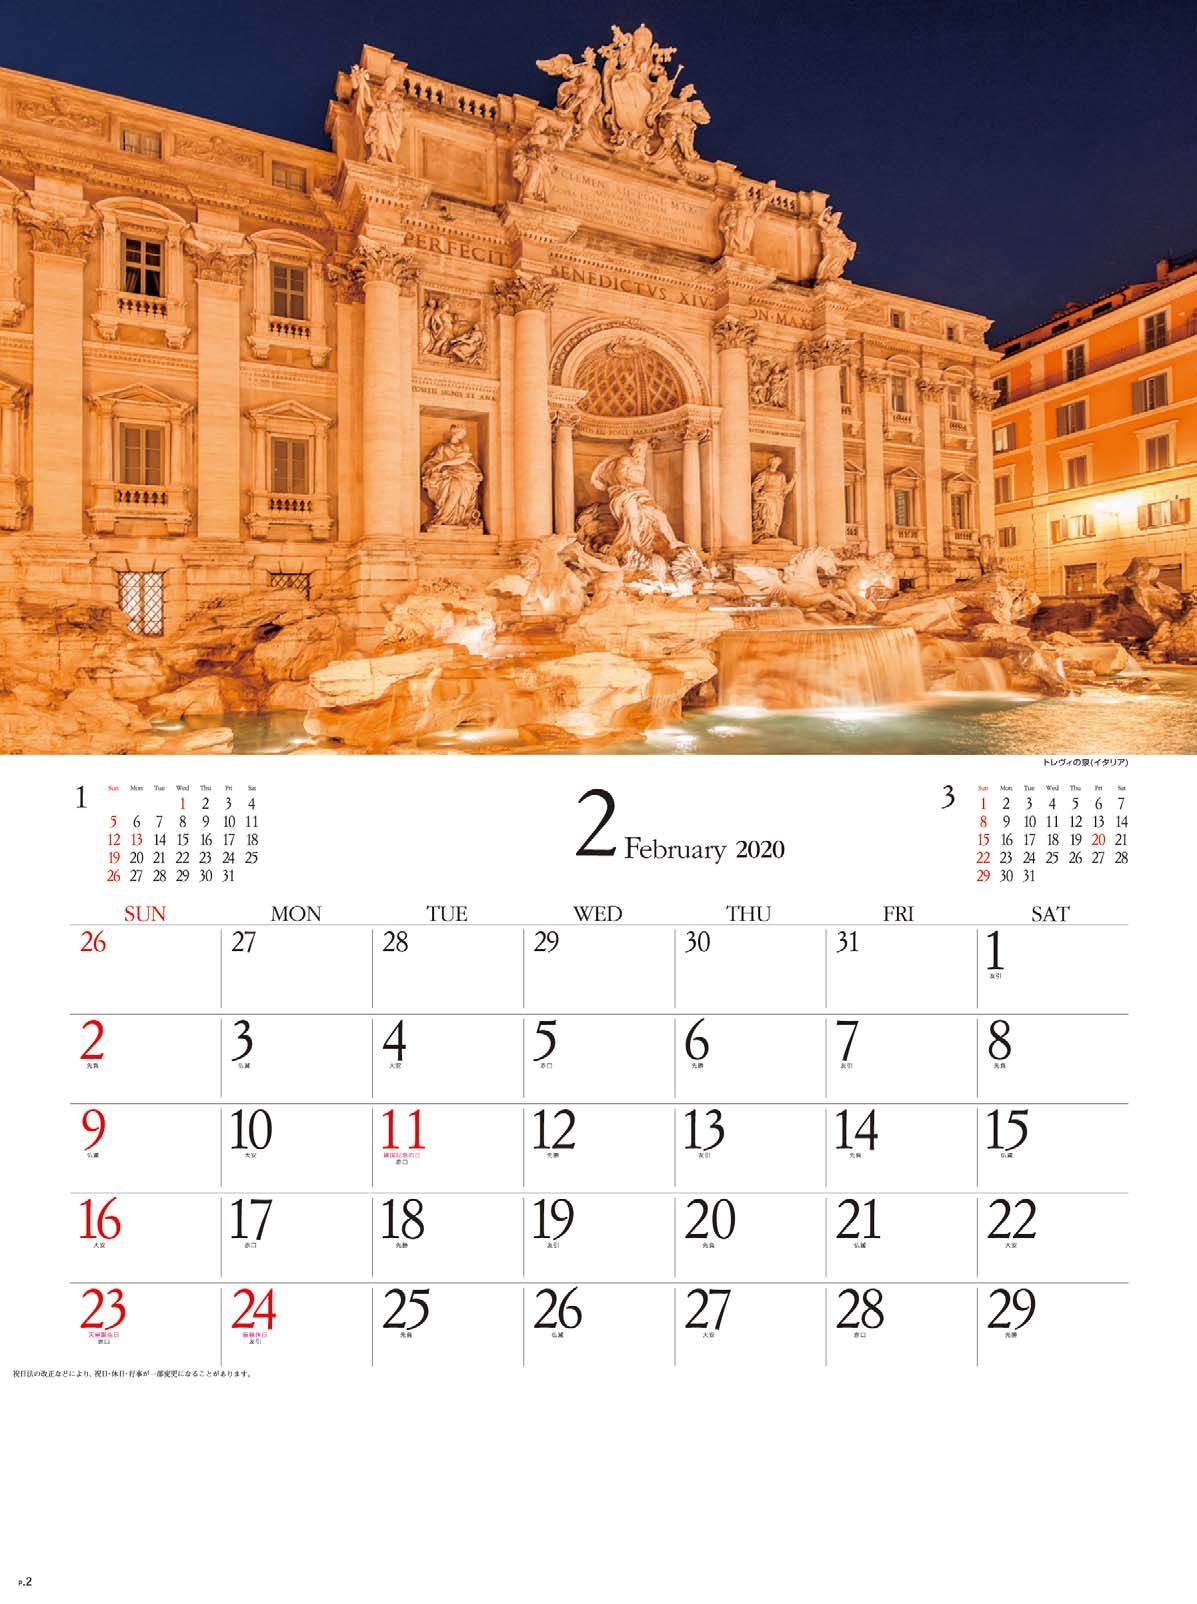 画像:トレヴィの泉(イタリア) エンドレスシティ・世界の夜景 2020年カレンダー